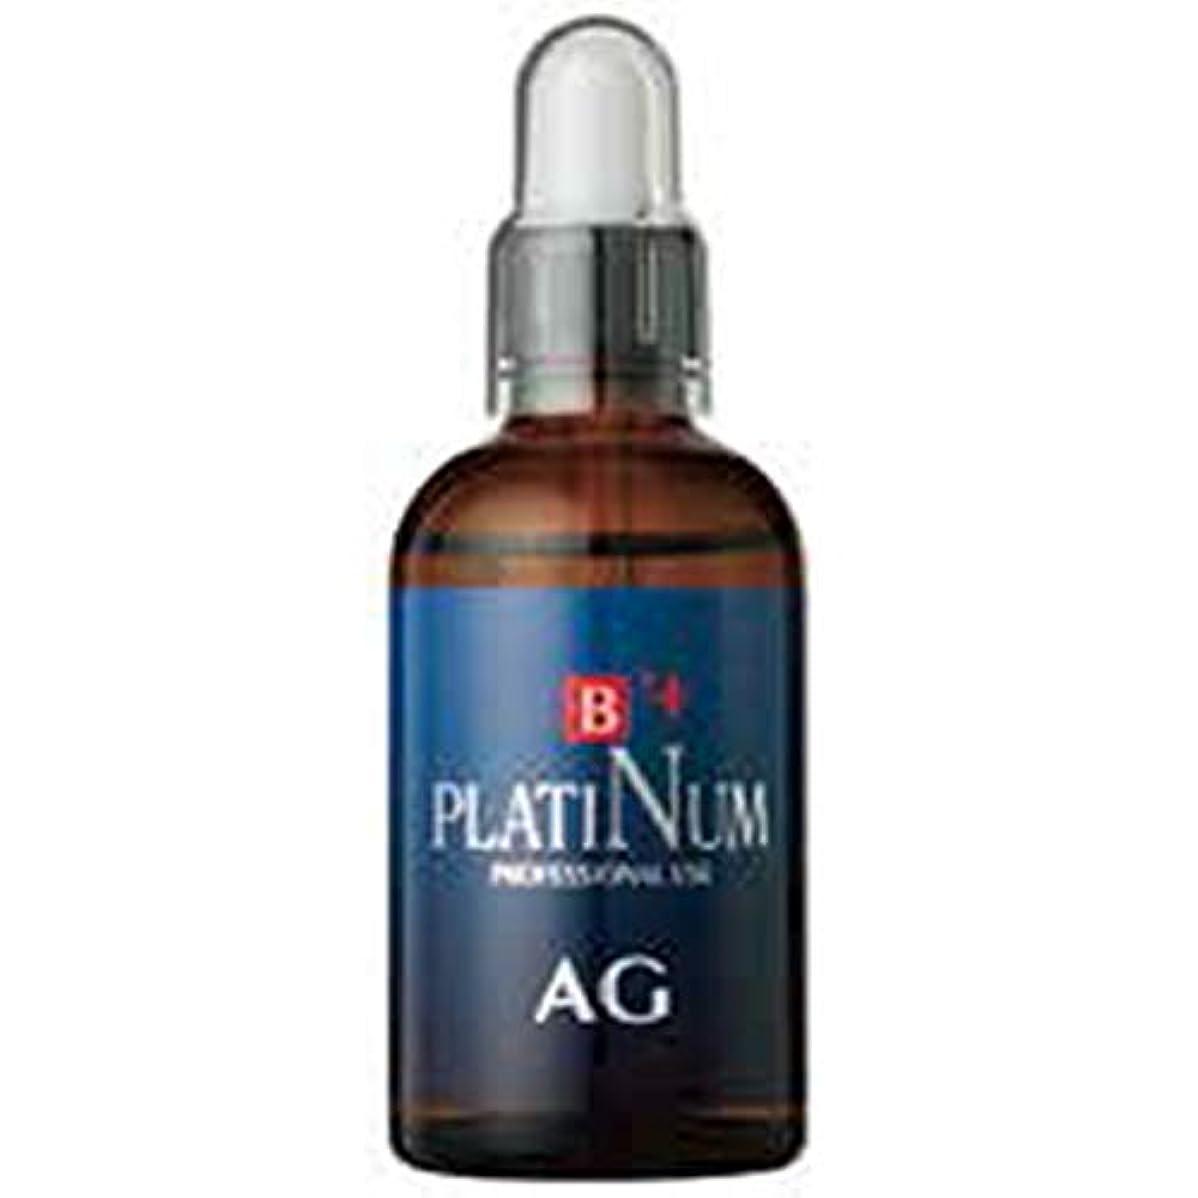 専門用語朝豊富に【ビューティー プラチナム】 PLATINUM B'+  アルジレリン16%(+シンーエイク配合 高濃度美容液)  リフトアップ専用:100ml